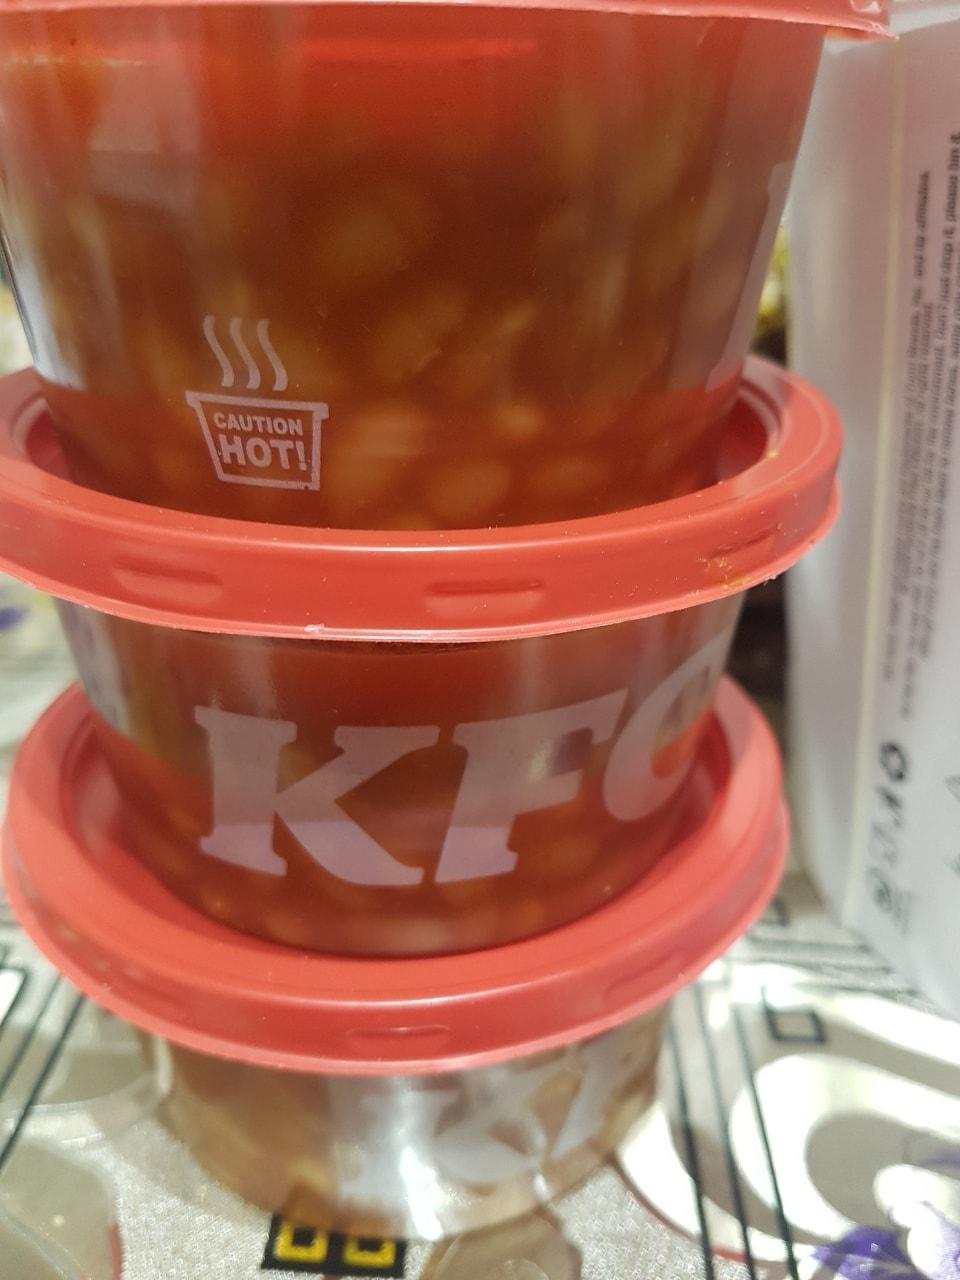 KFC beans